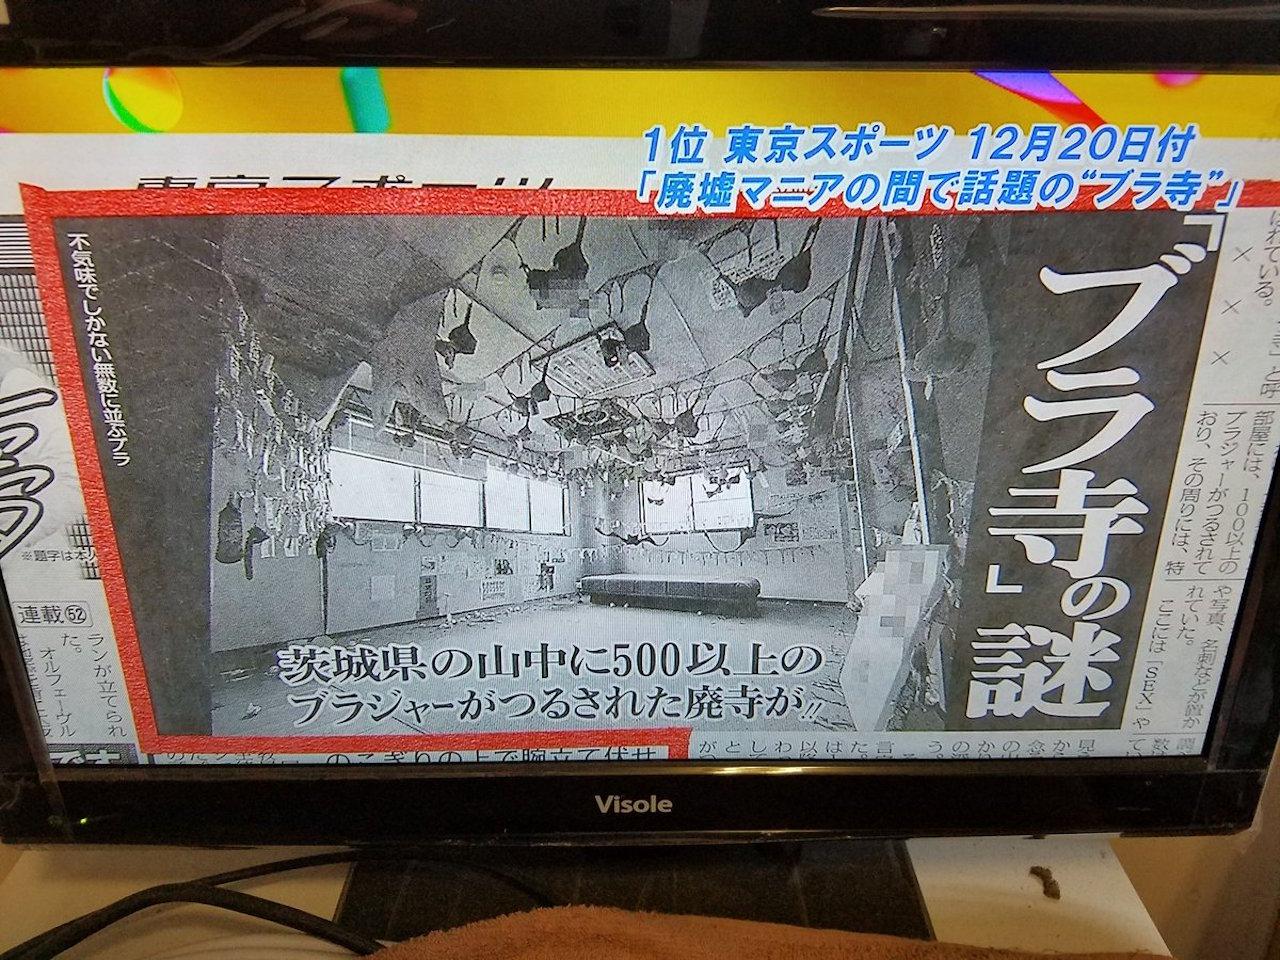 Bra Temple Makes Headlines in Japan